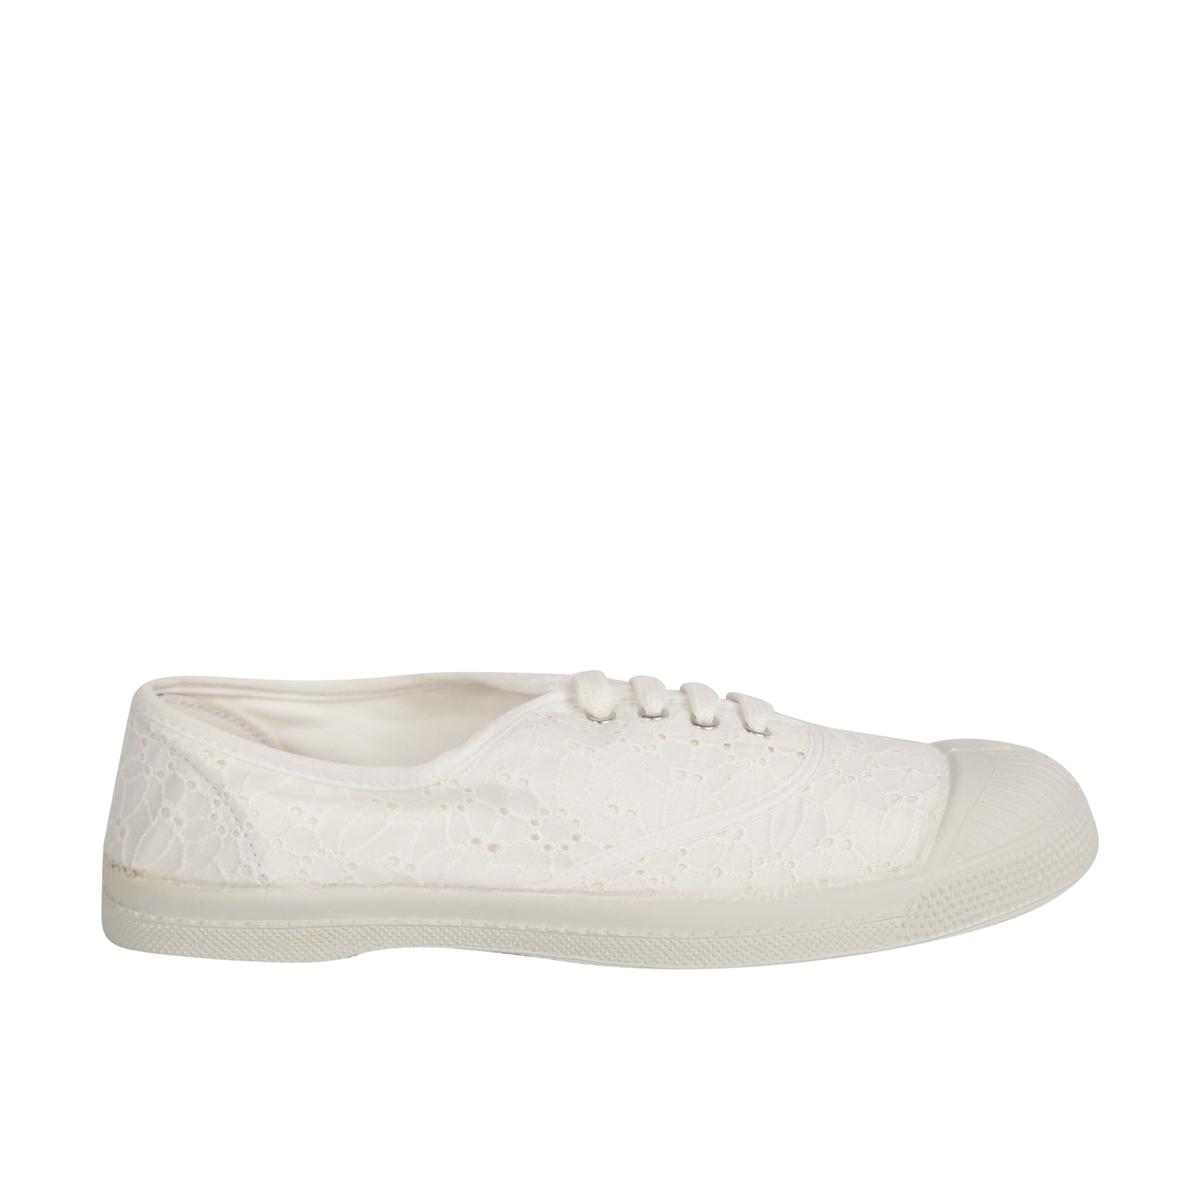 Zapatillas con bordado inglés